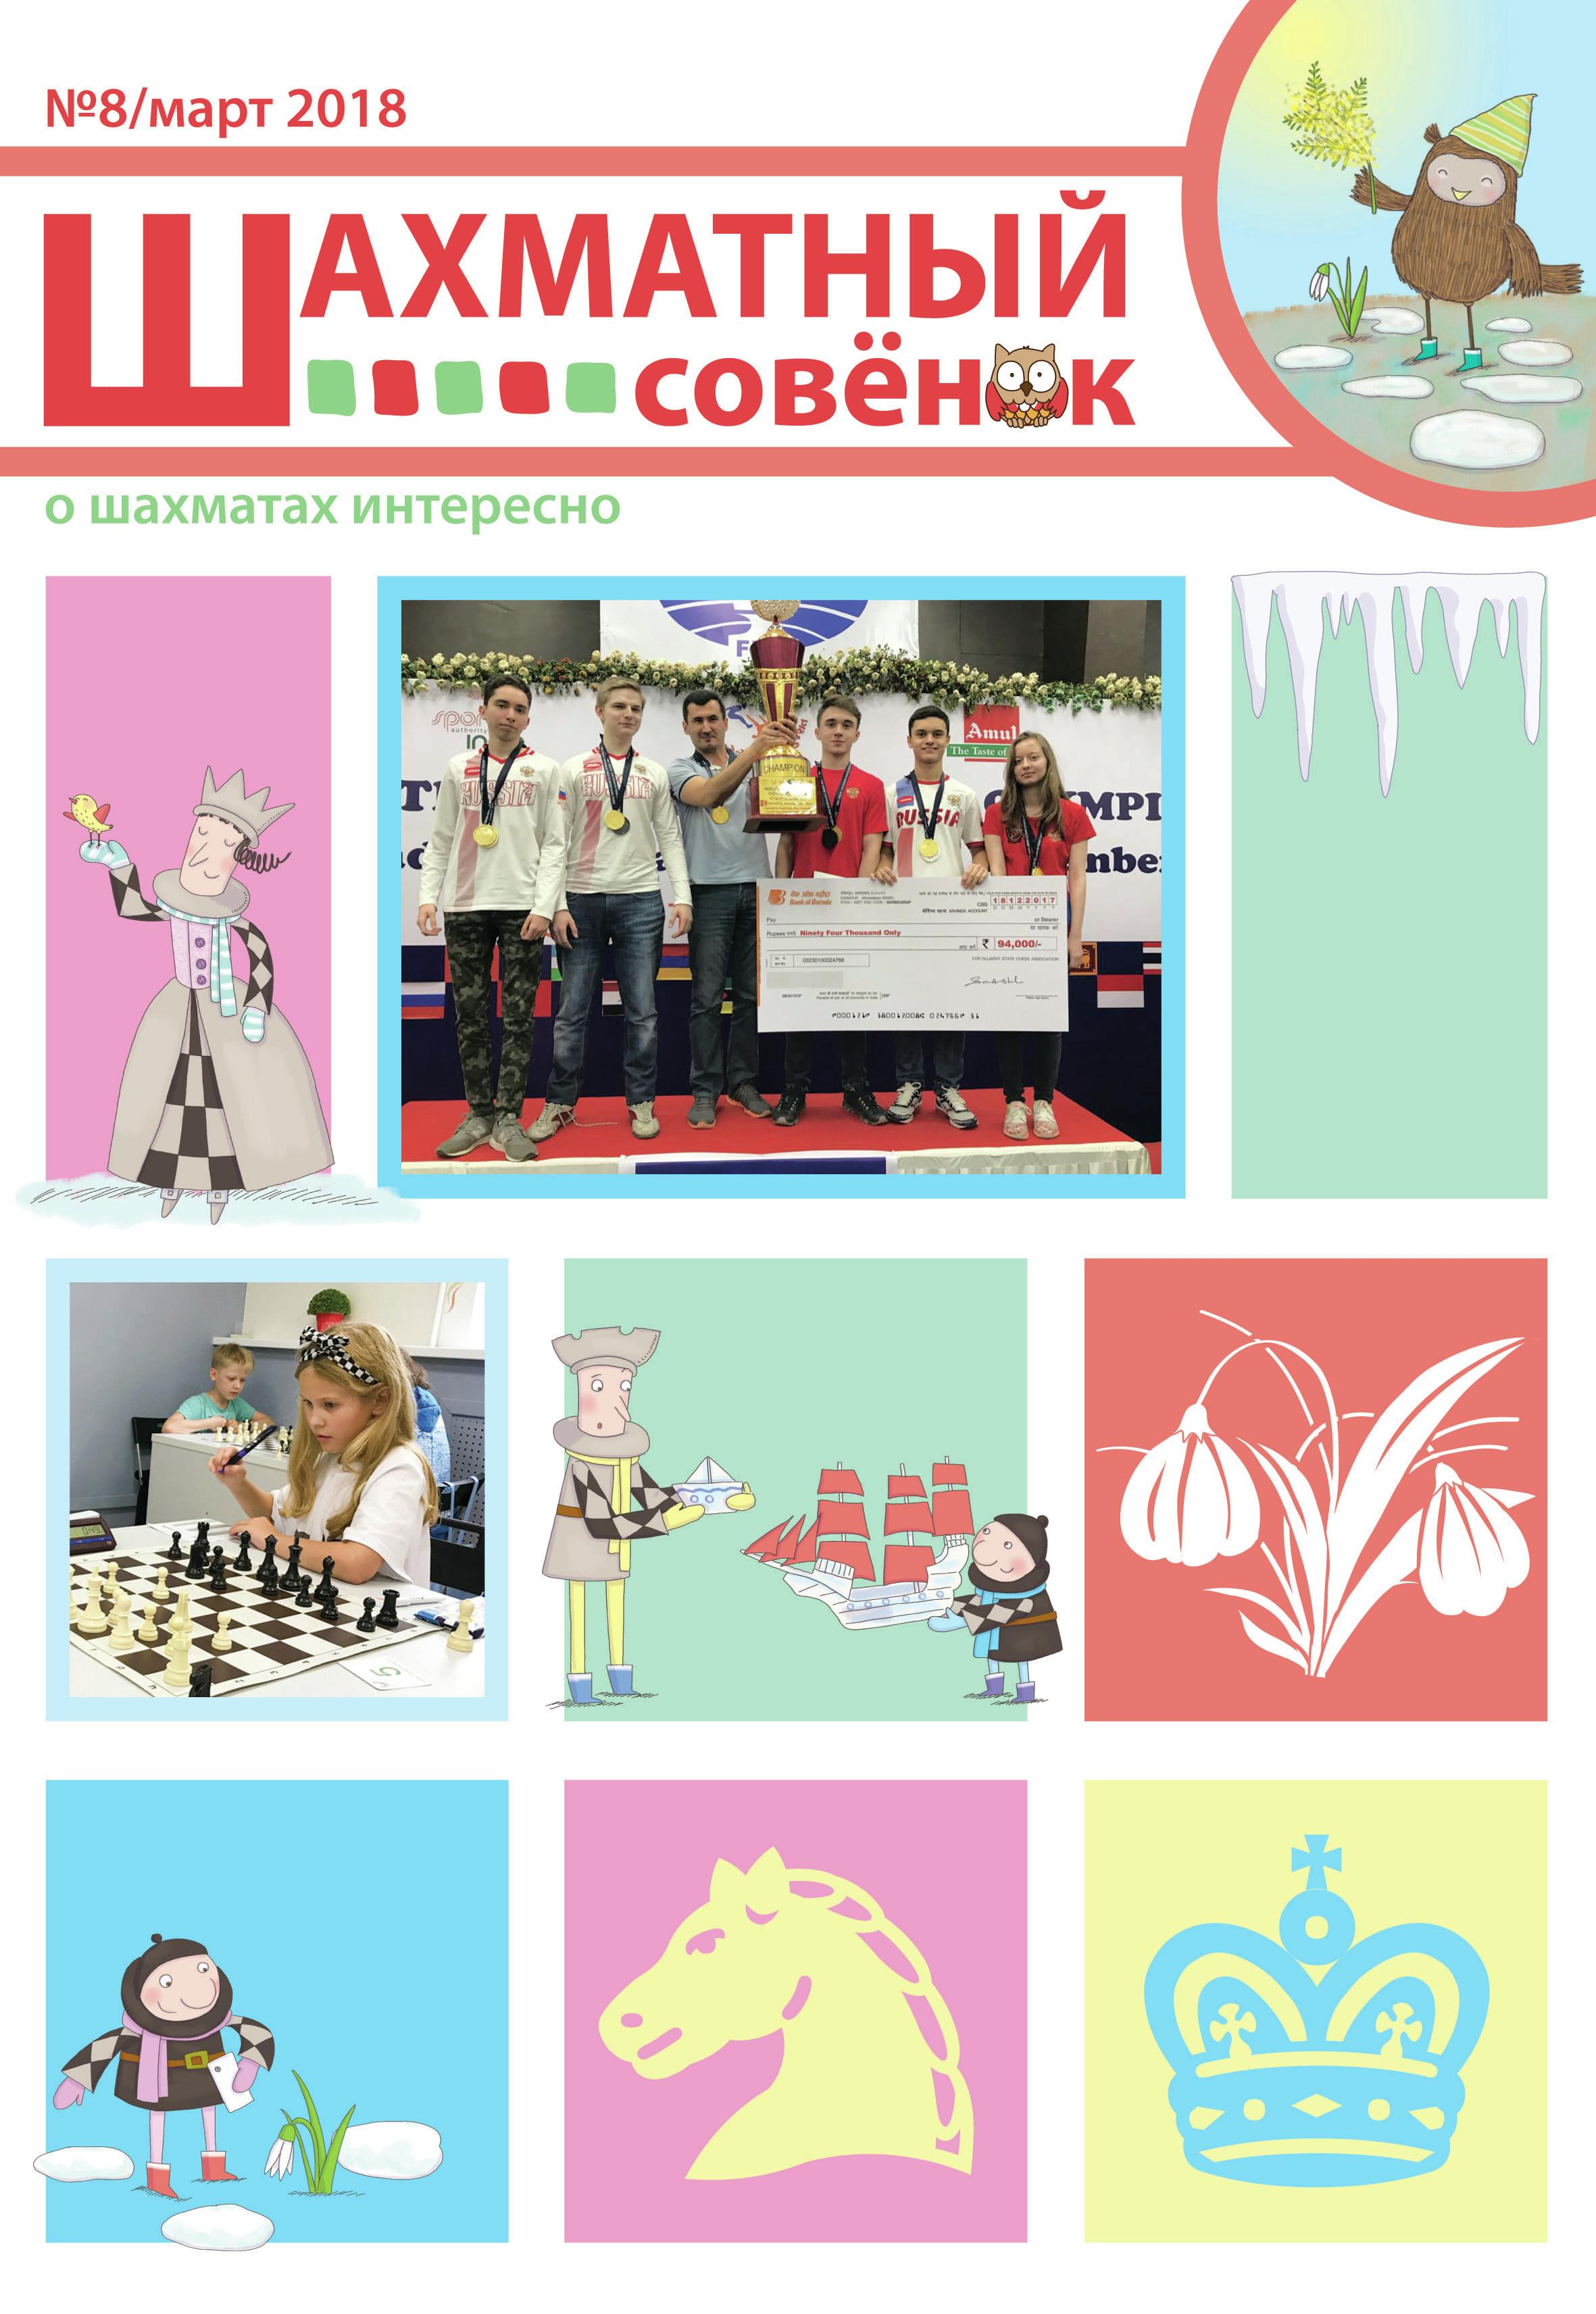 Журнал Шахматный совенок официальный сайт восьмой выпуск